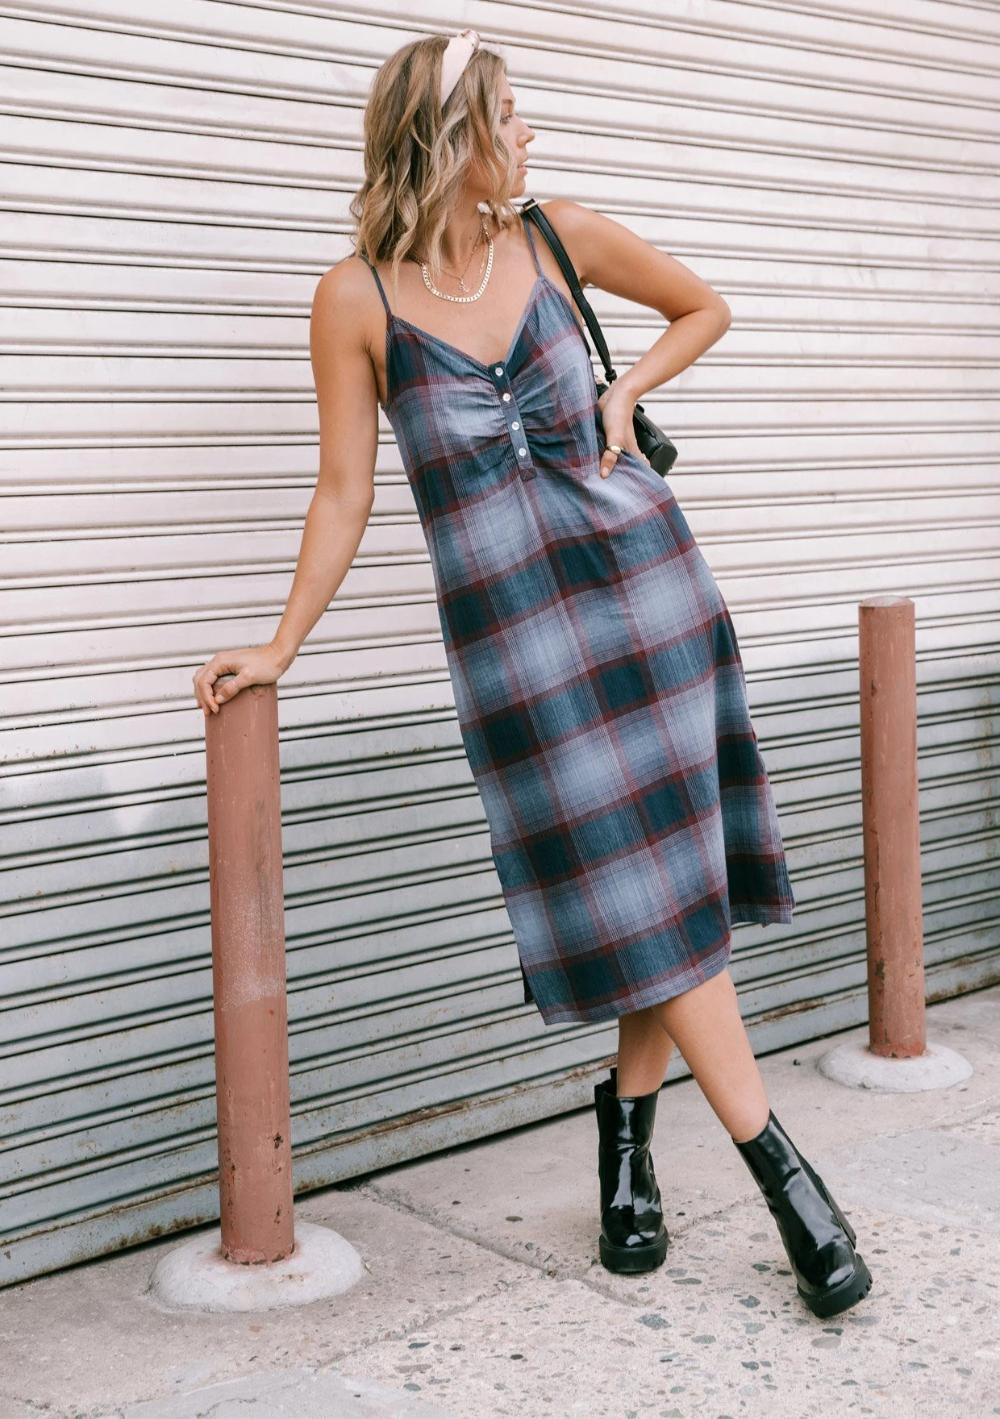 Mad For Plaid Midi Dress Lovestitch In 2021 Midi Dress Sleeveless Midi Dress Dresses [ 1419 x 1000 Pixel ]